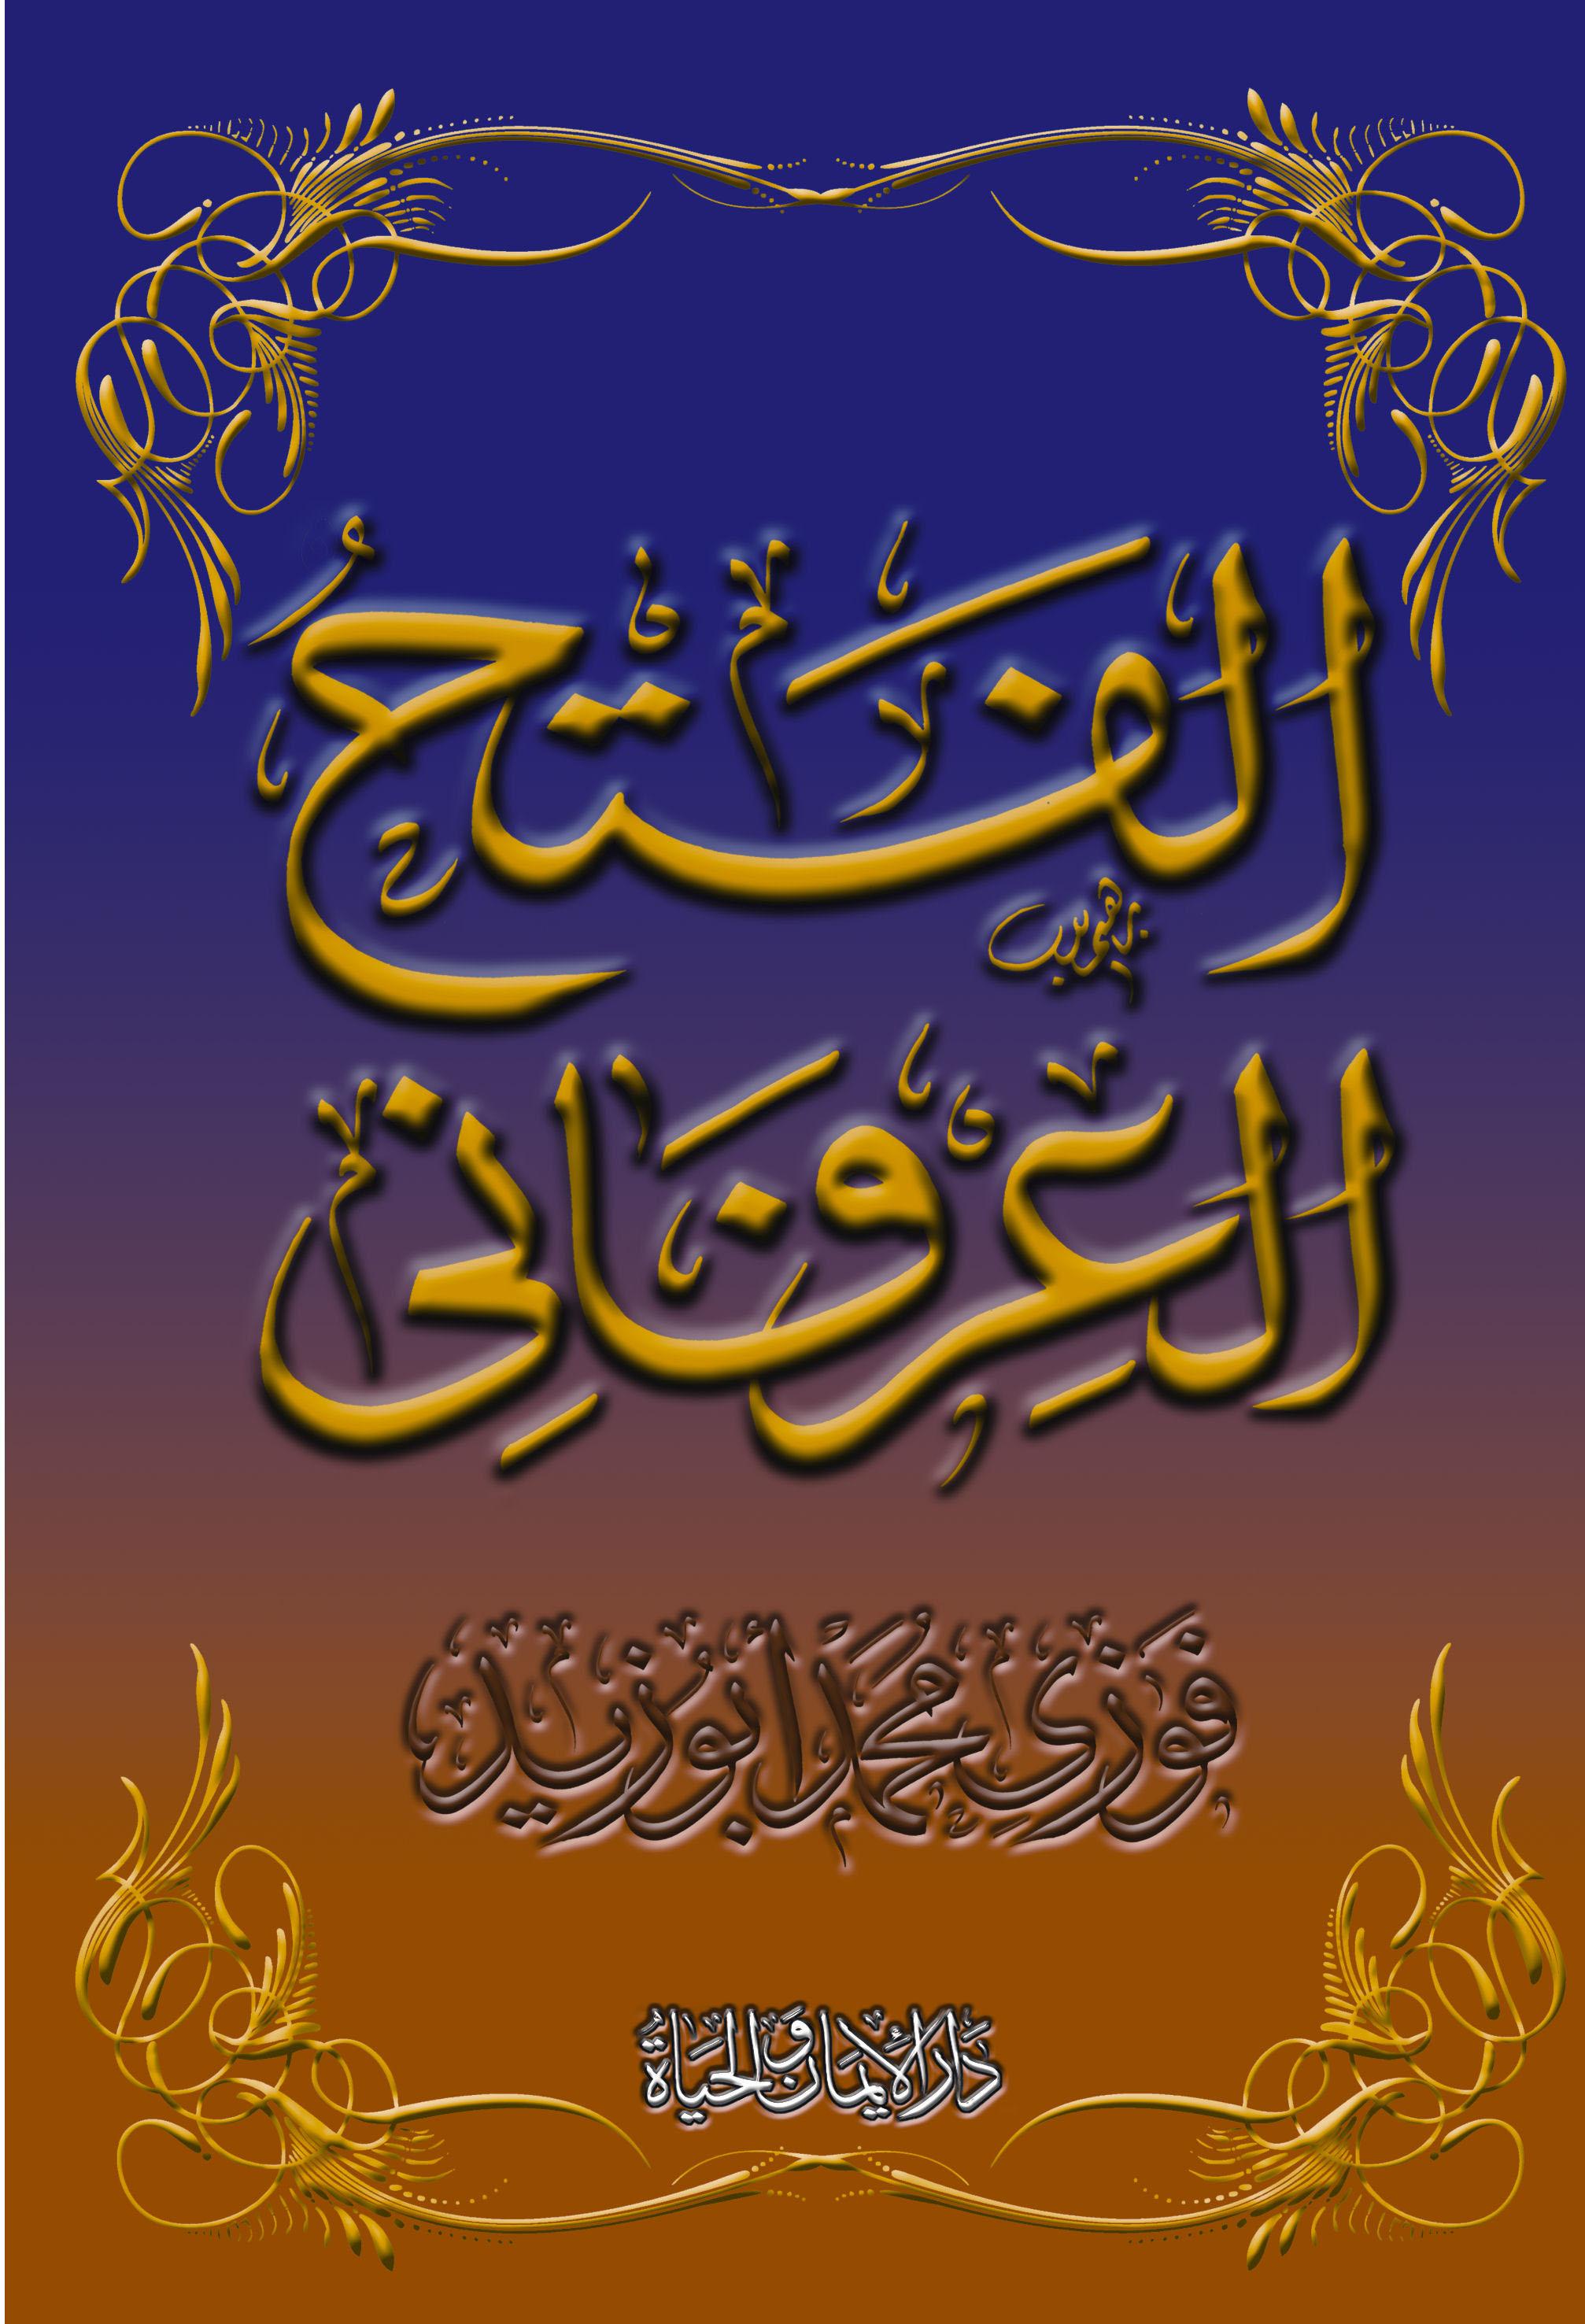 روابط تحميل كتب فضيلة الشيخ فوزي محمد أبوزيد  Book_alfatah_elerfaney